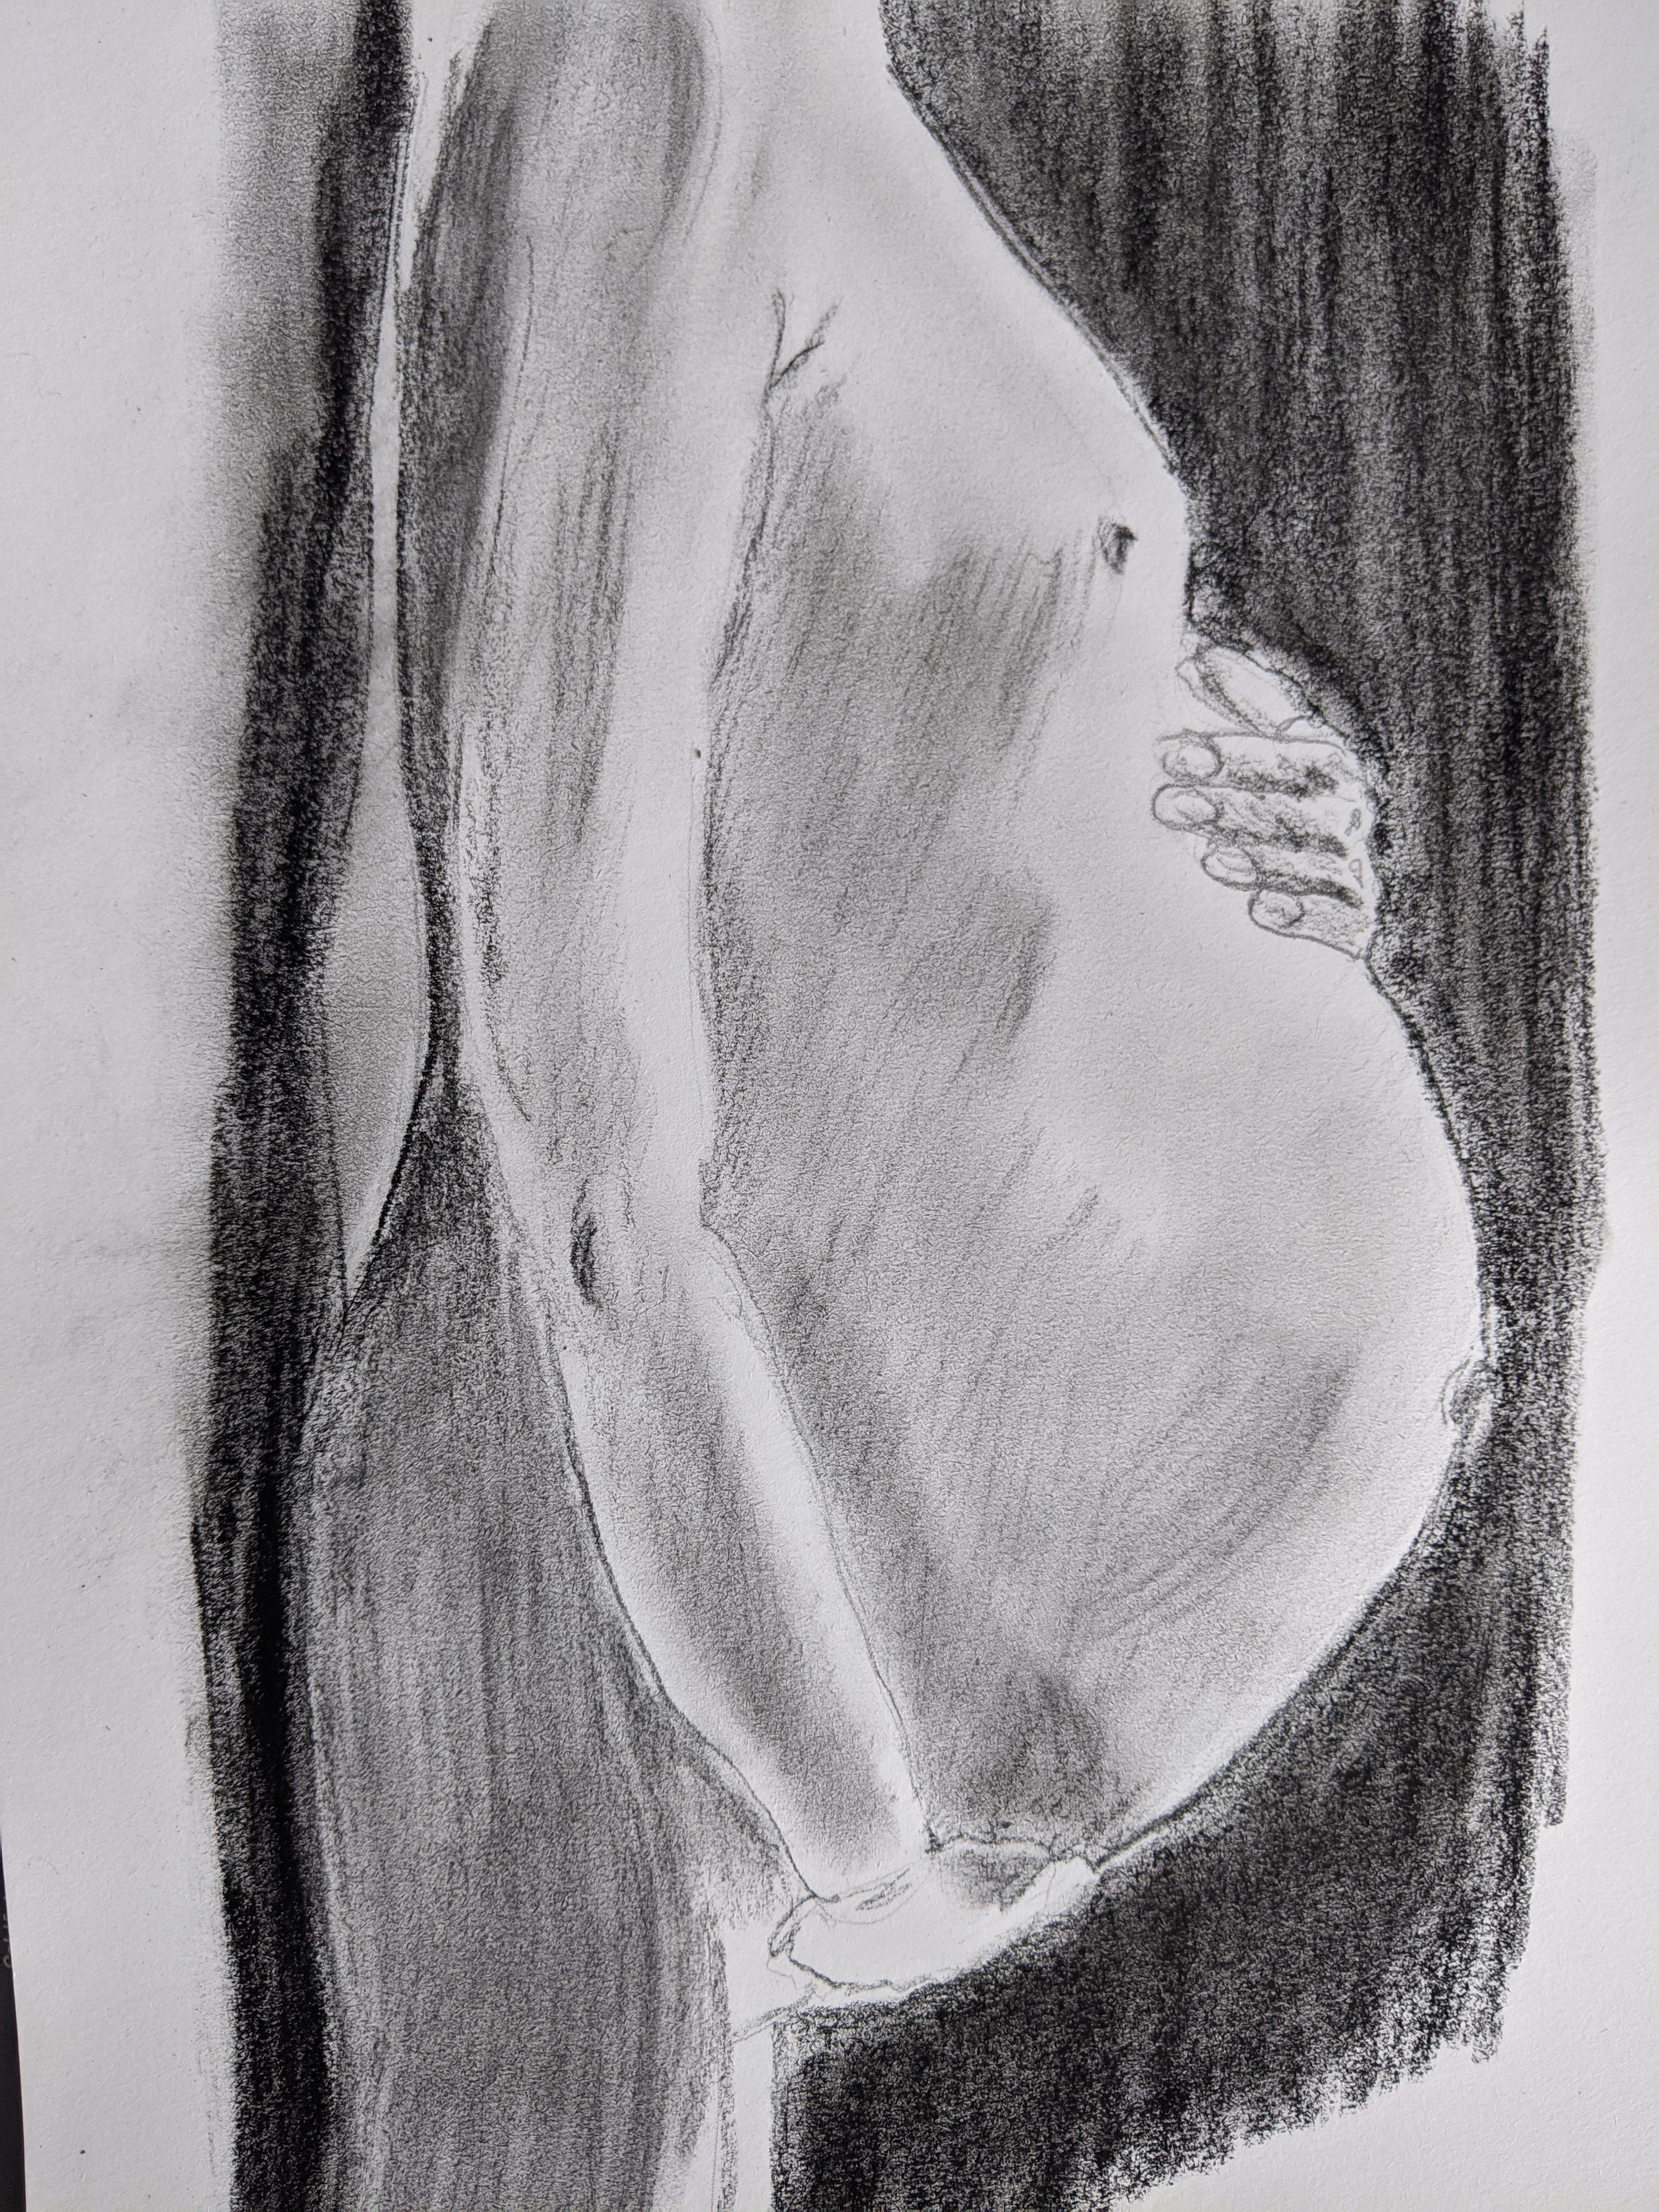 dessin fusain ventre femme enceinte  sur papier  cours de dessin